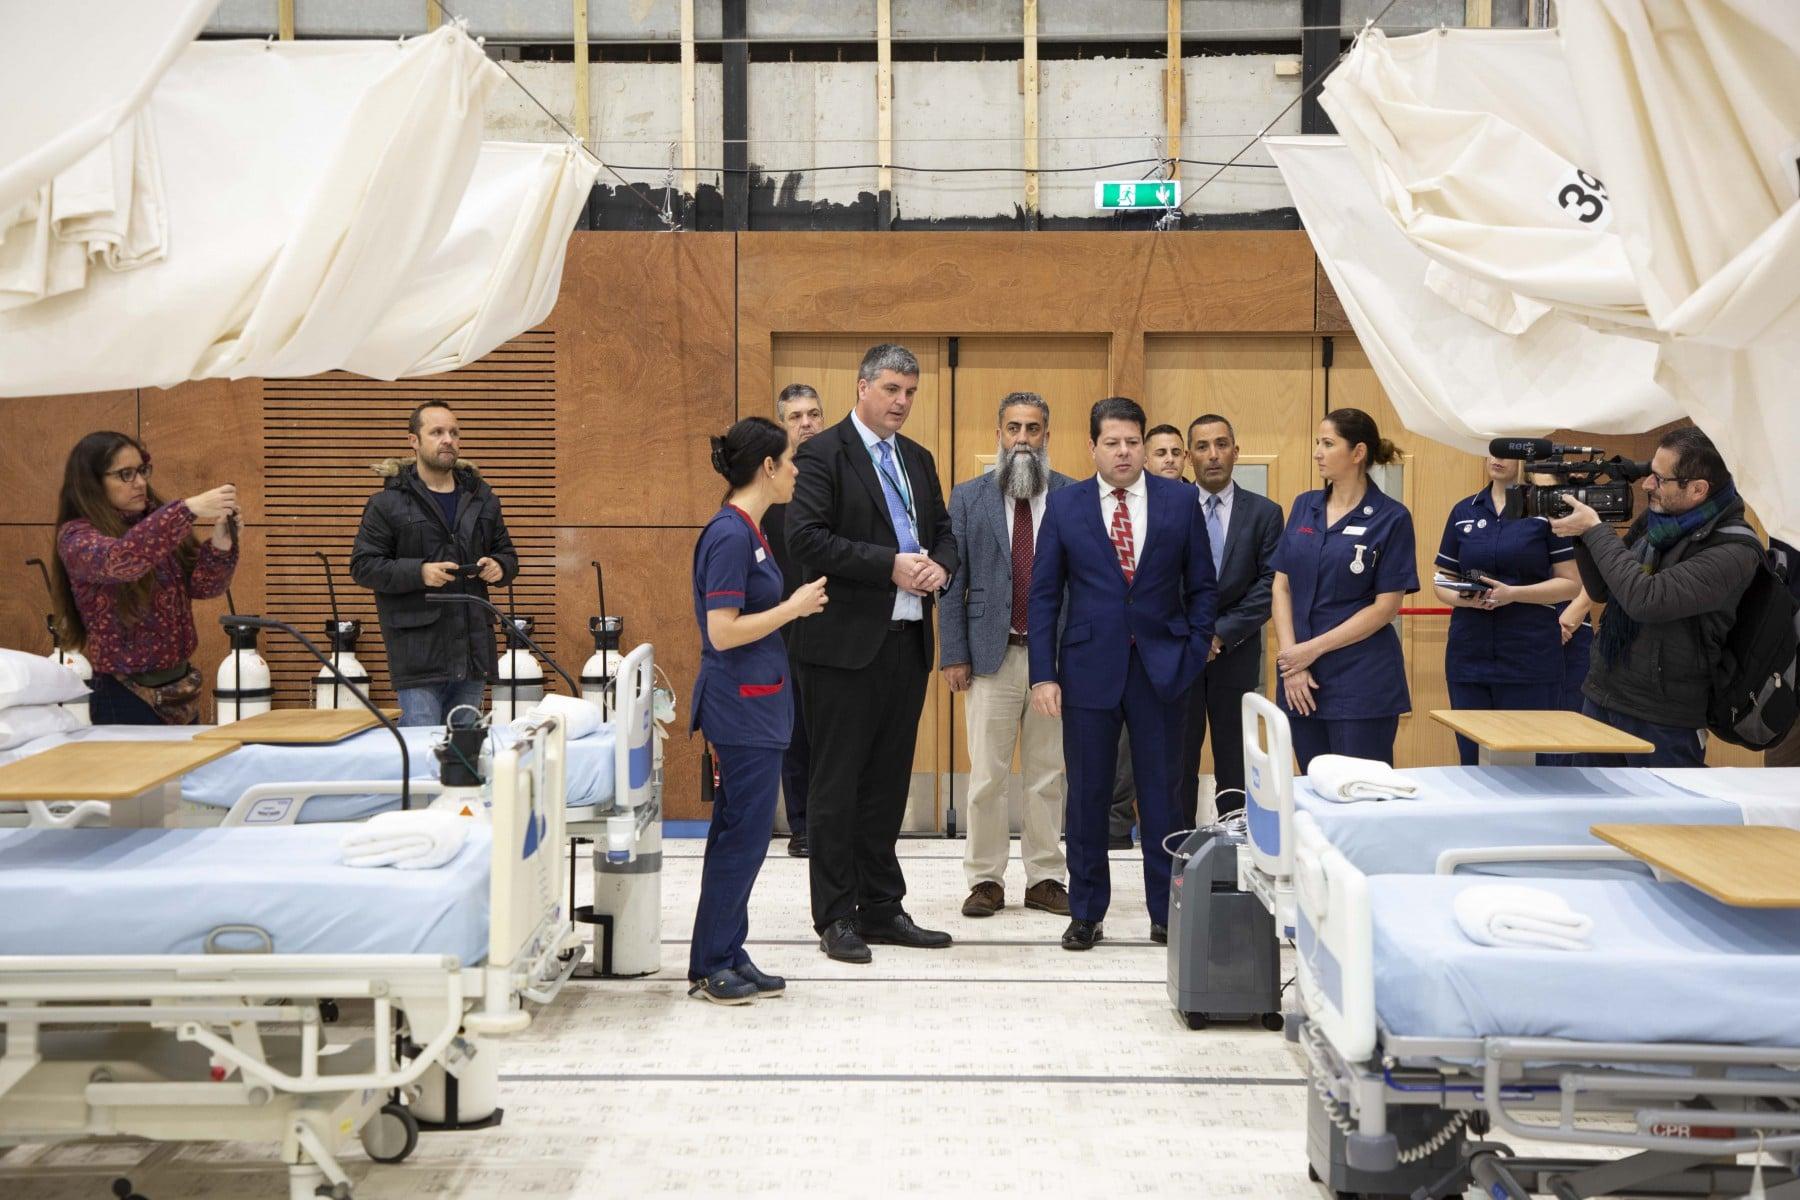 hospital-de-campaa_49726813851_o